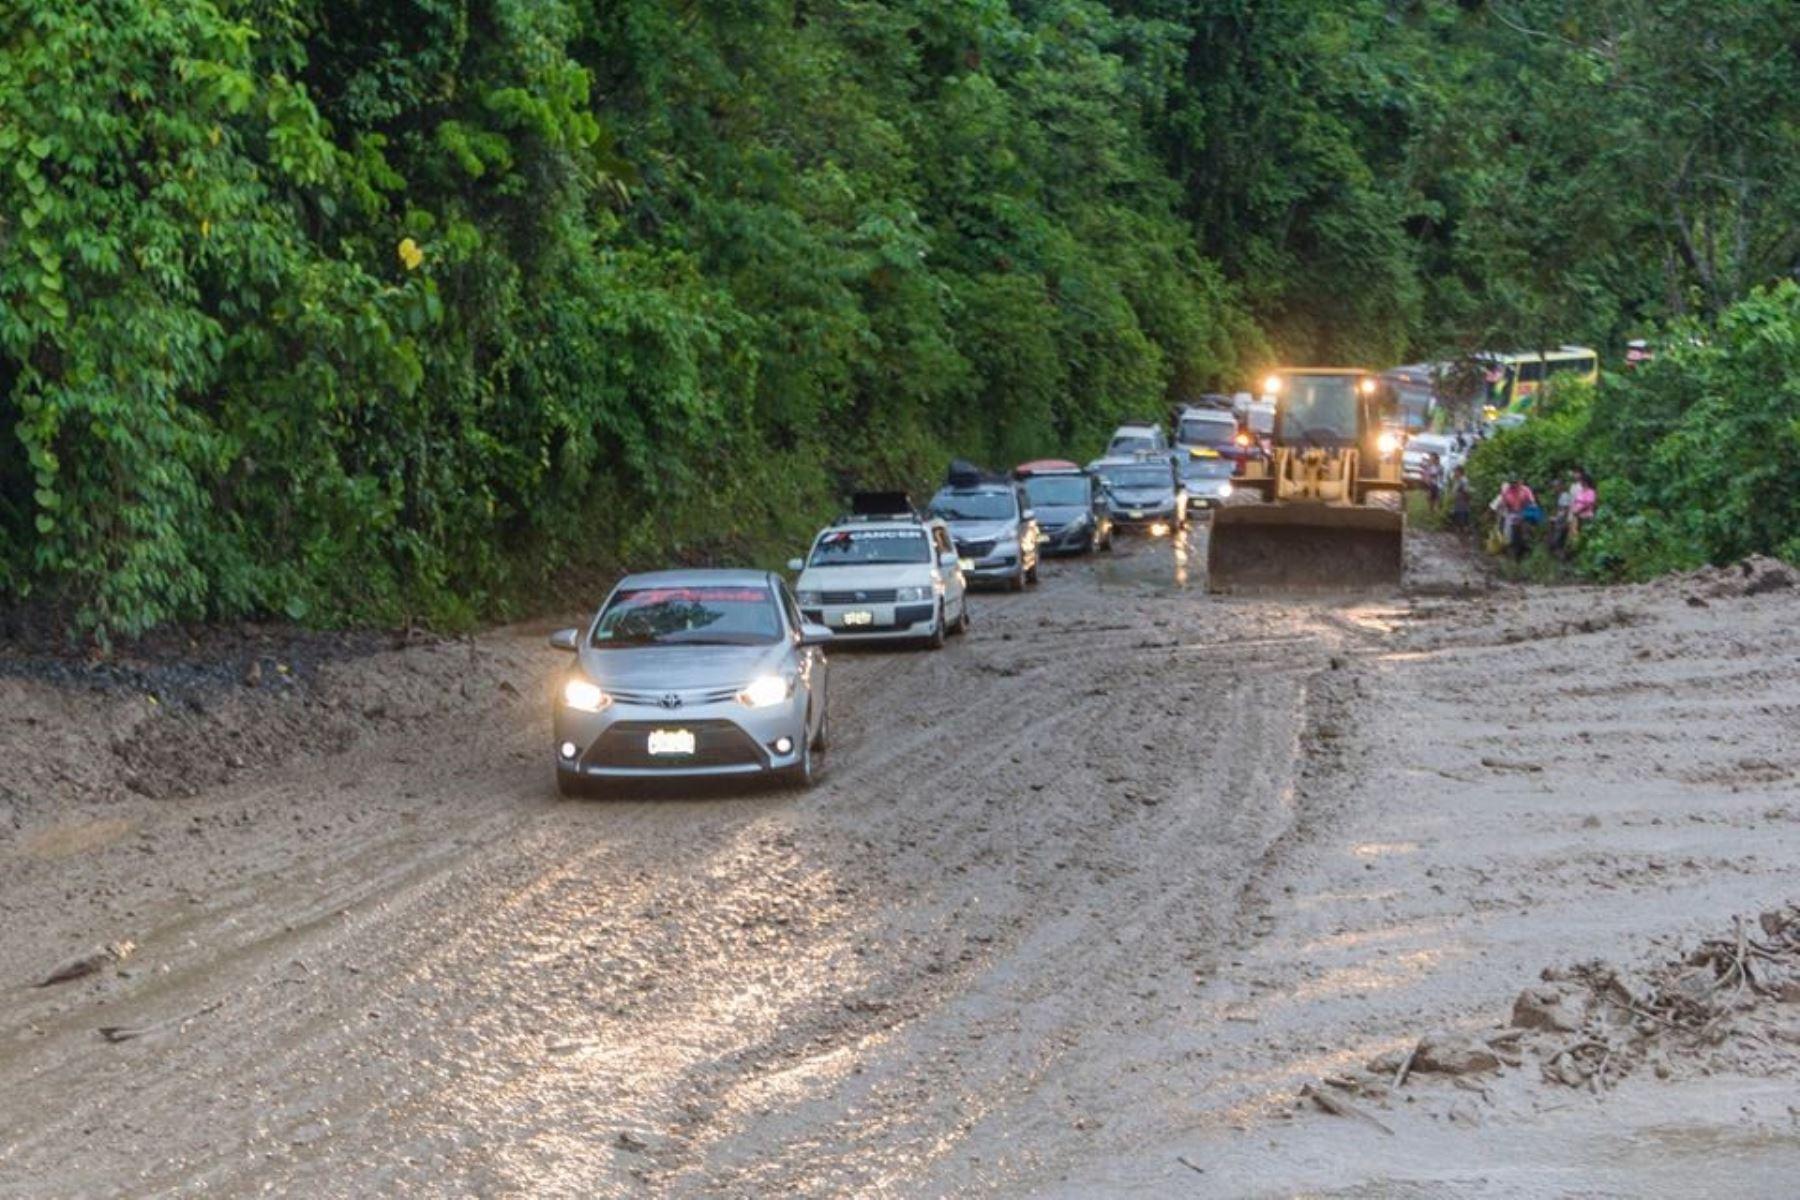 El tránsito en el tramo vial Santa Teresa-Central Hidroeléctrica, situada en el distrito de Santa Teresa, provincia de La Convención, región Cusco, se normalizó tras la culminación de la limpieza de la vía que resultó afectada luego el derrumbe ocurrido en la víspera. ANDINA